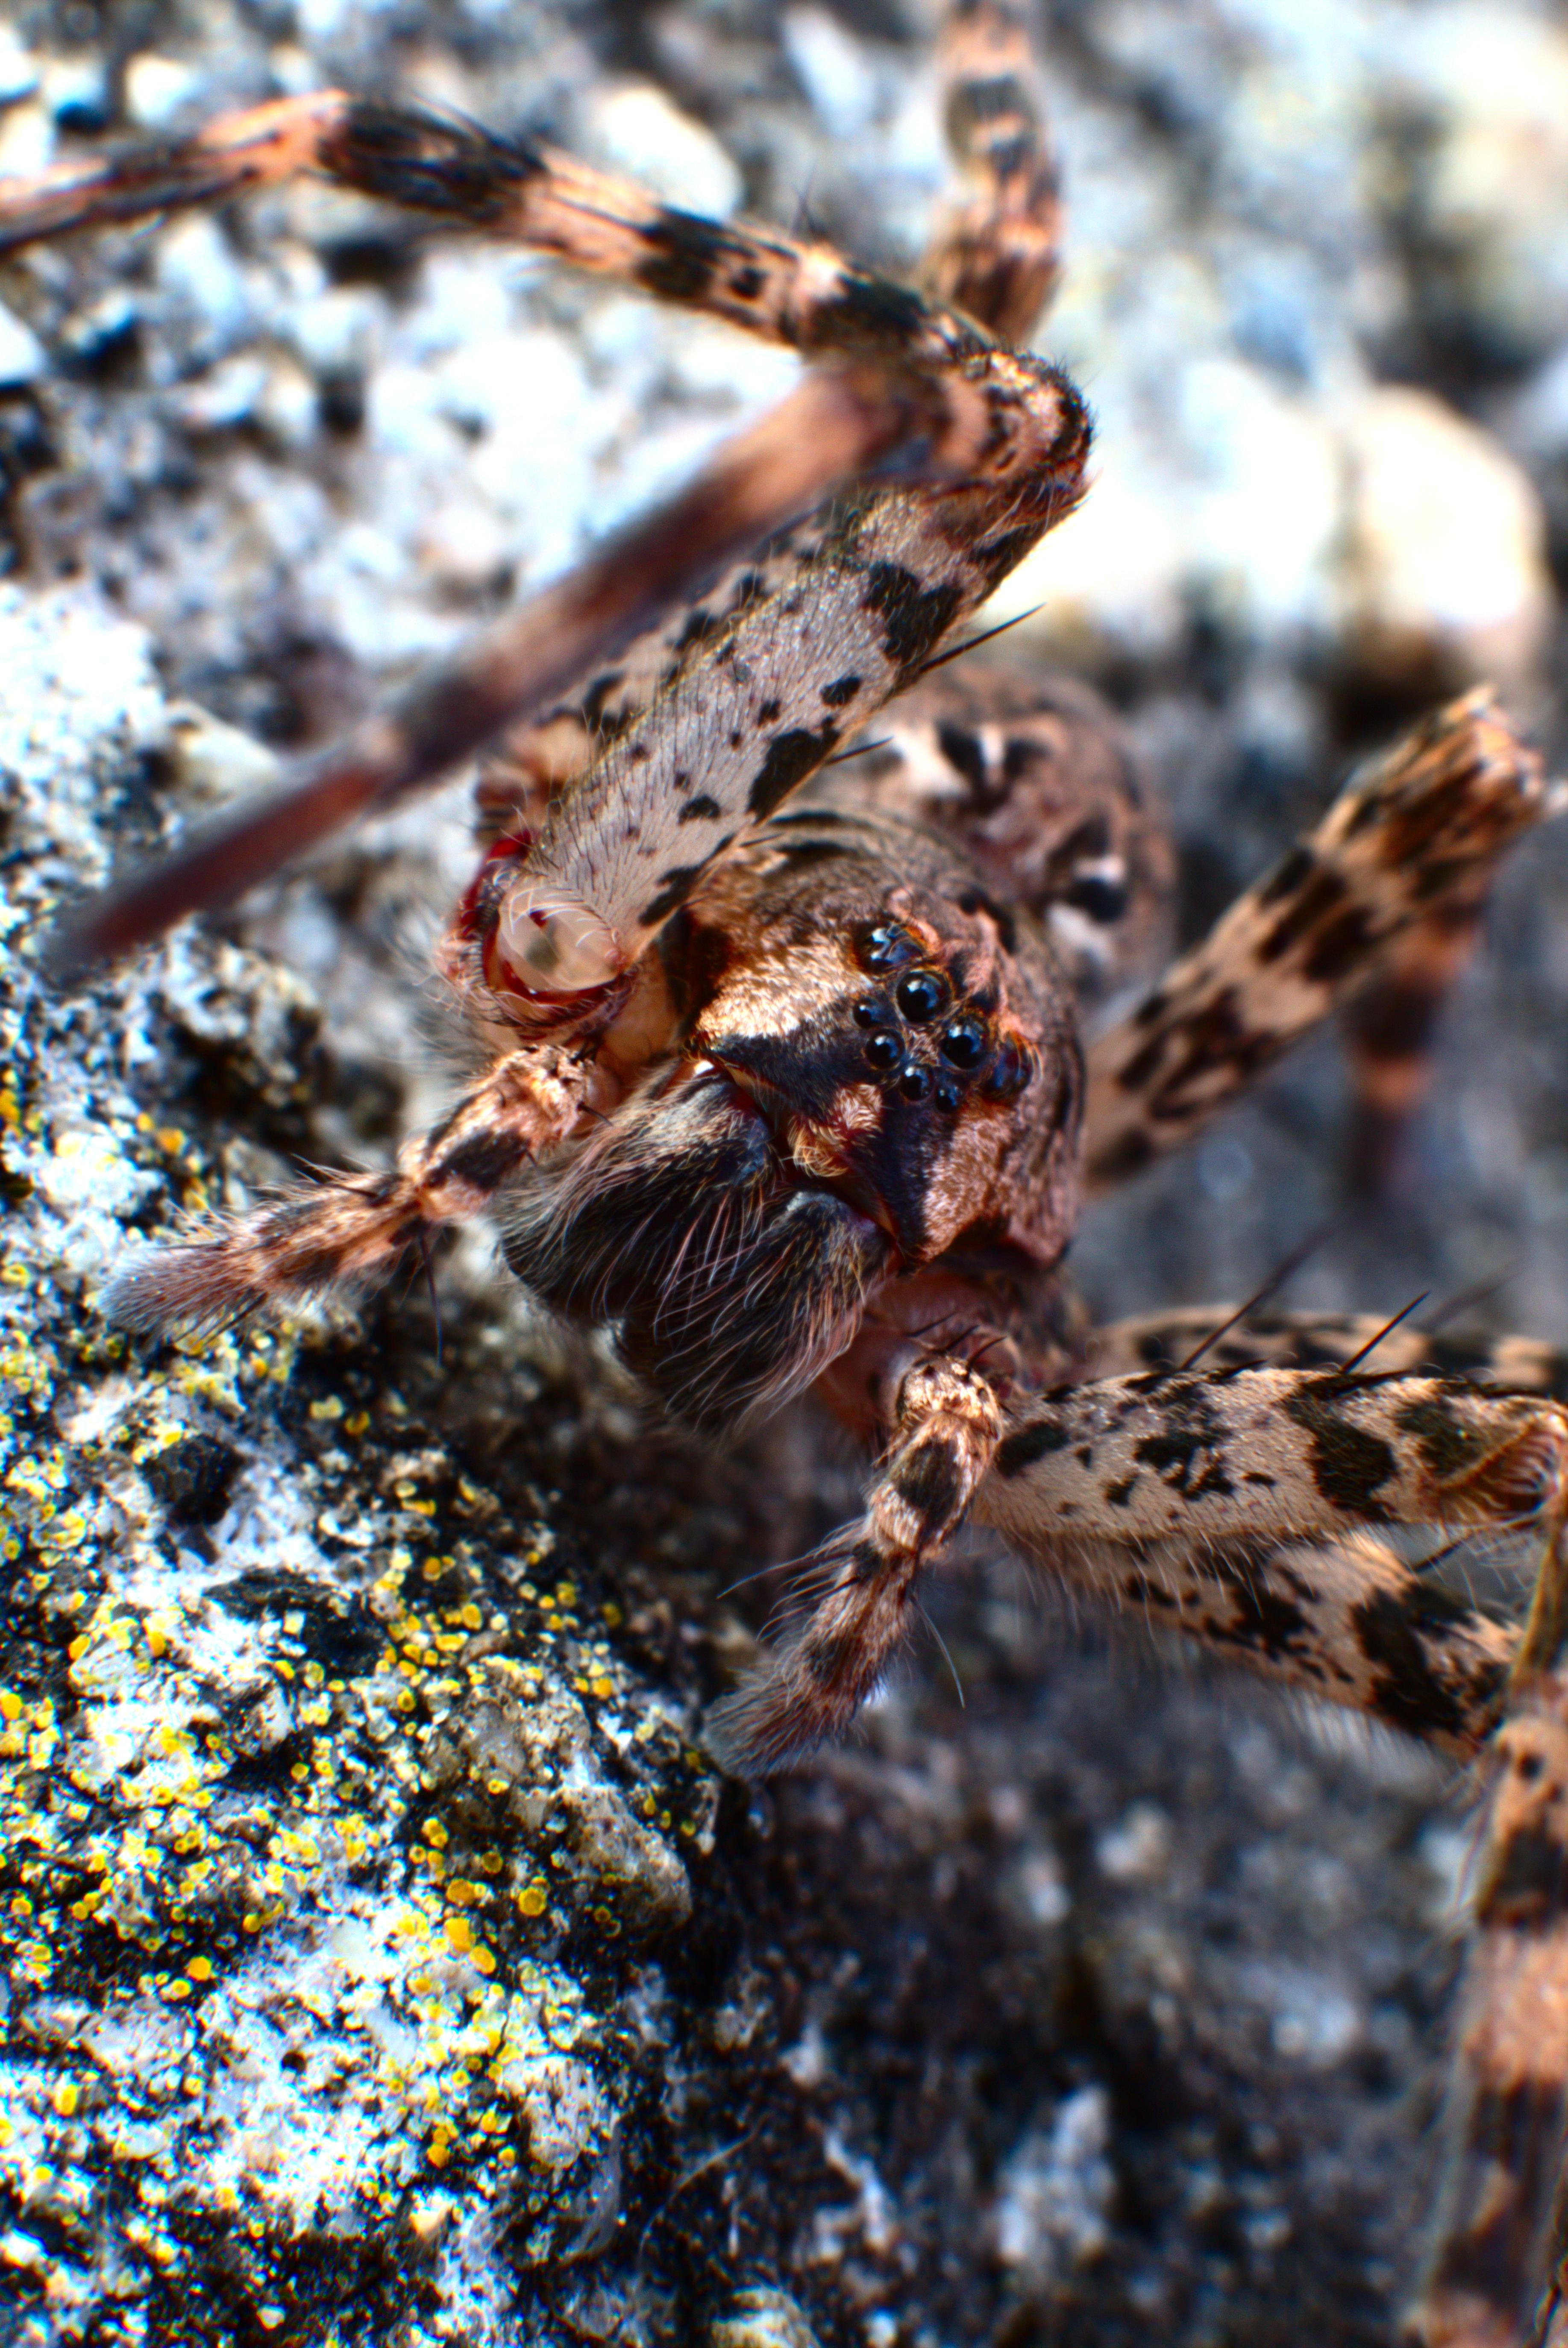 Fishing spider [3670x5496][OC]